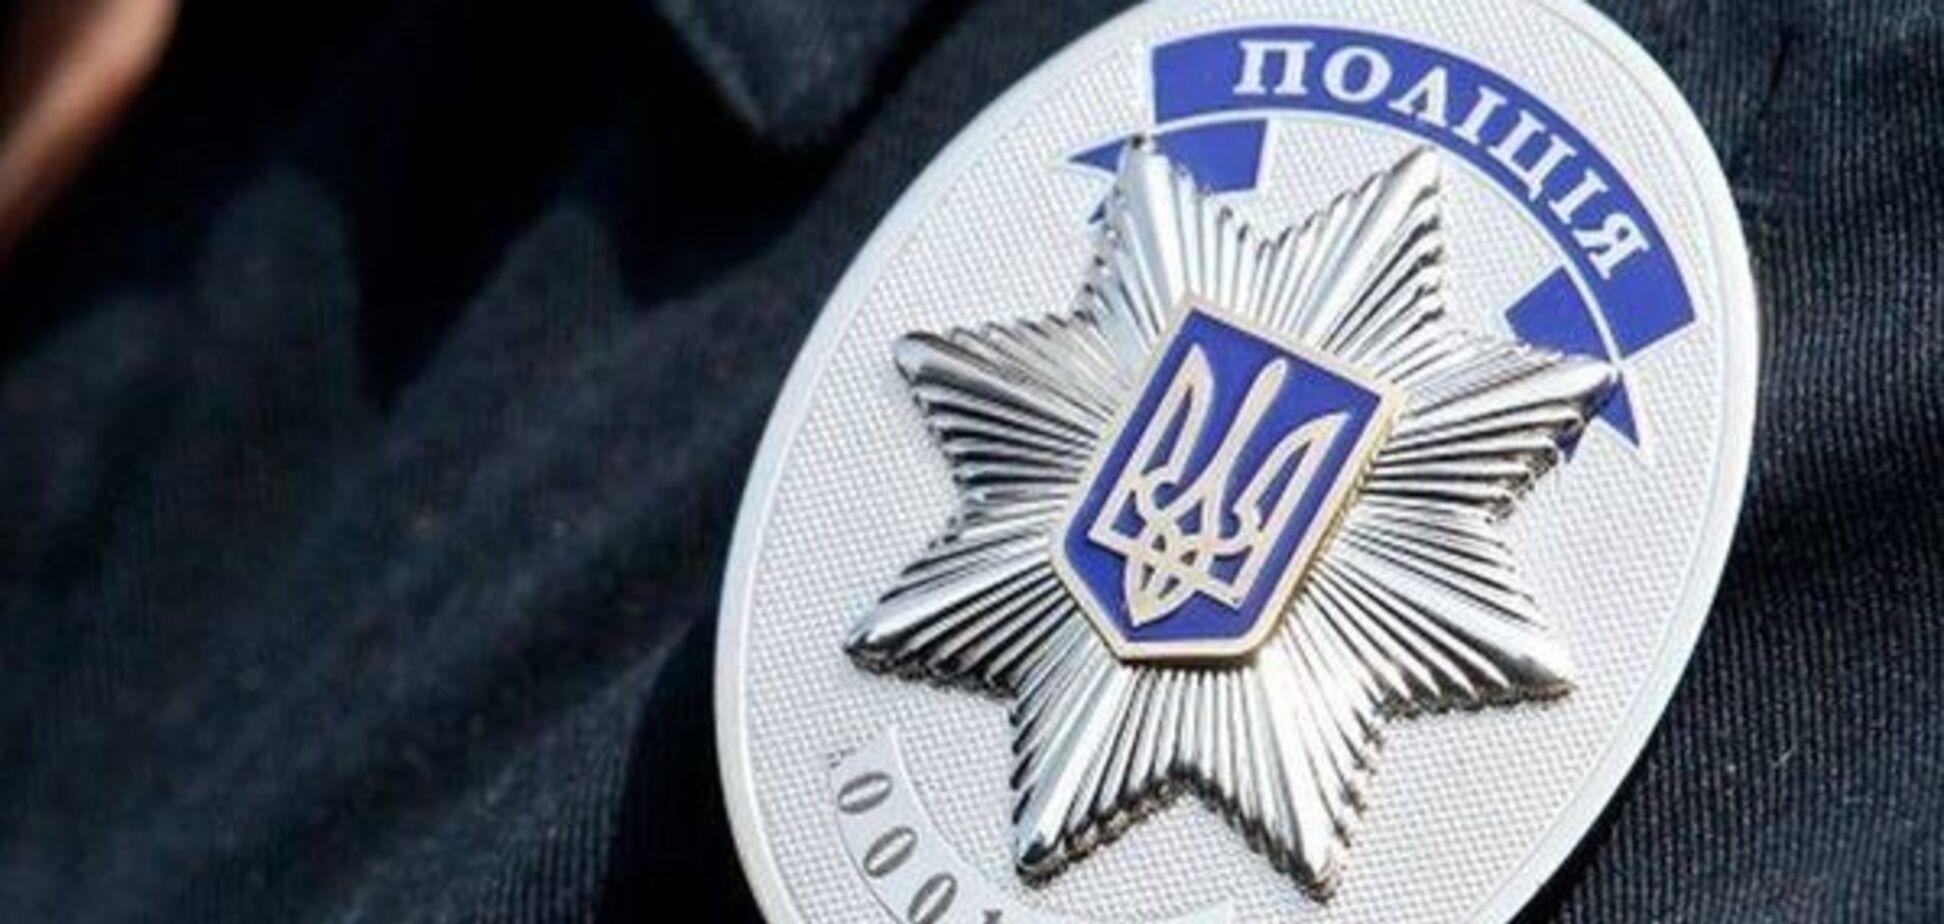 ''Сзади били по голове, я задыхался'': скандал с избиением копов на Прикарпатье получил неожиданный поворот